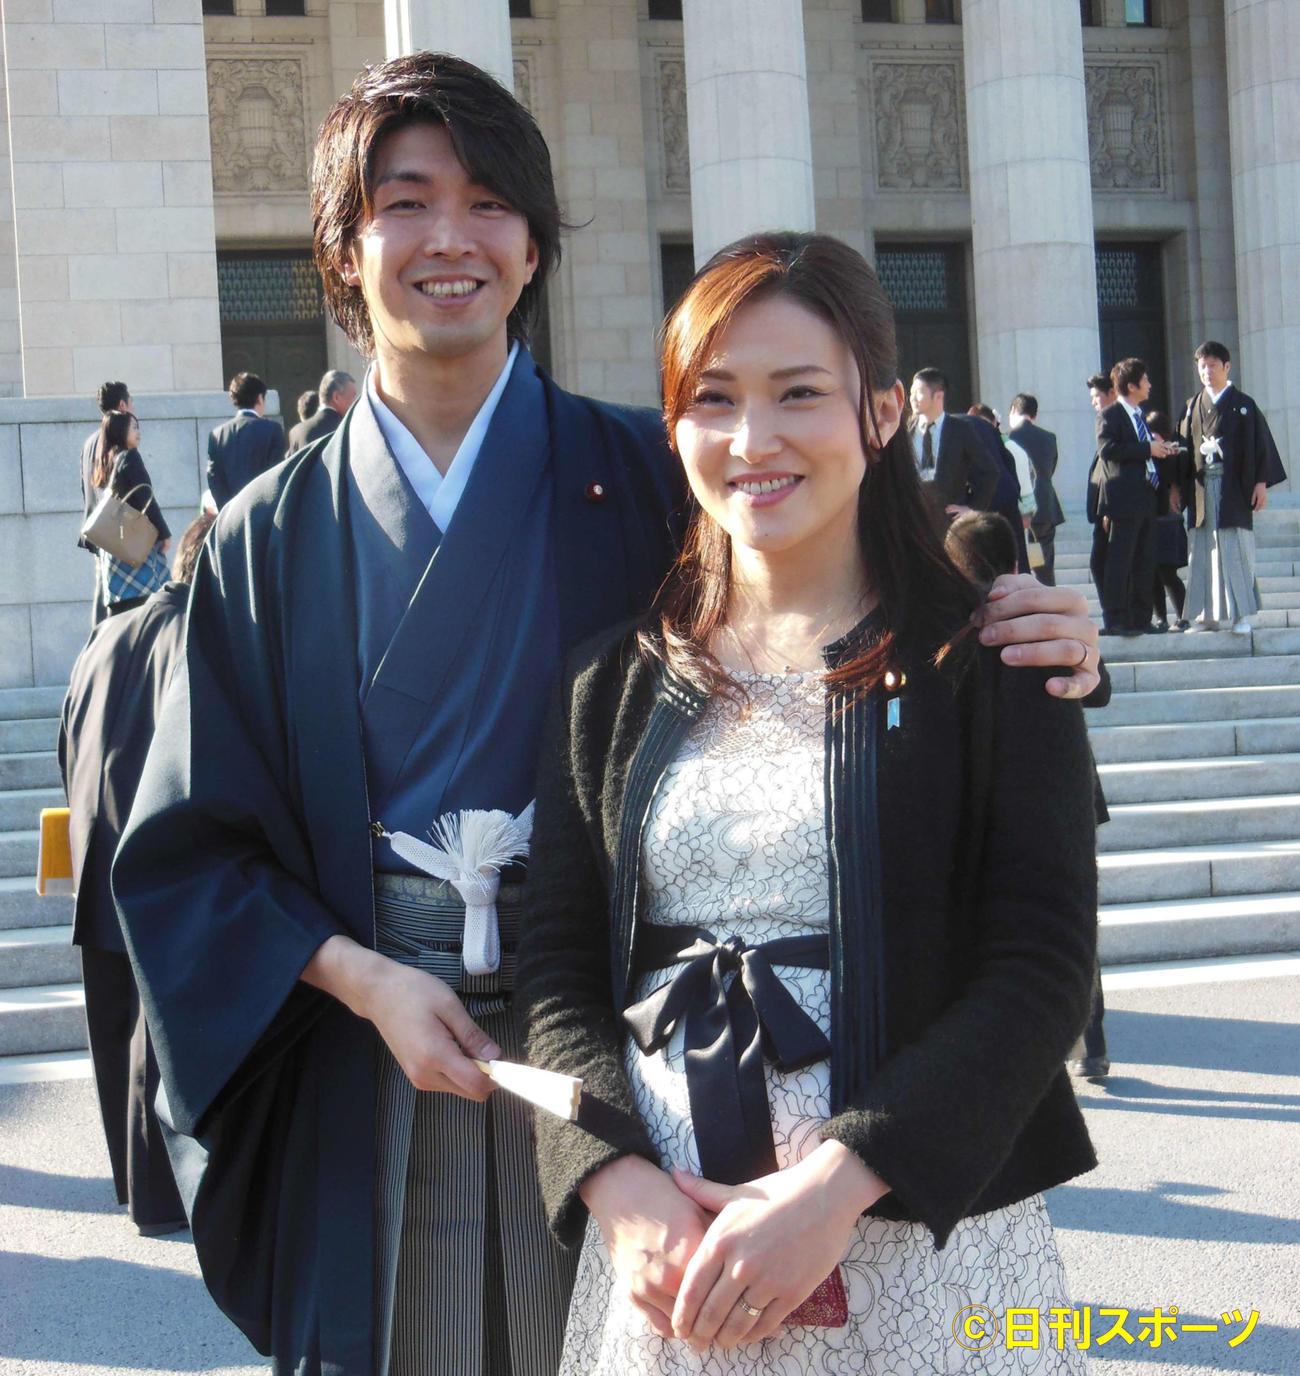 16年1月、和装姿で取材に応じた宮崎謙介議員(左)と妻の金子恵美議員